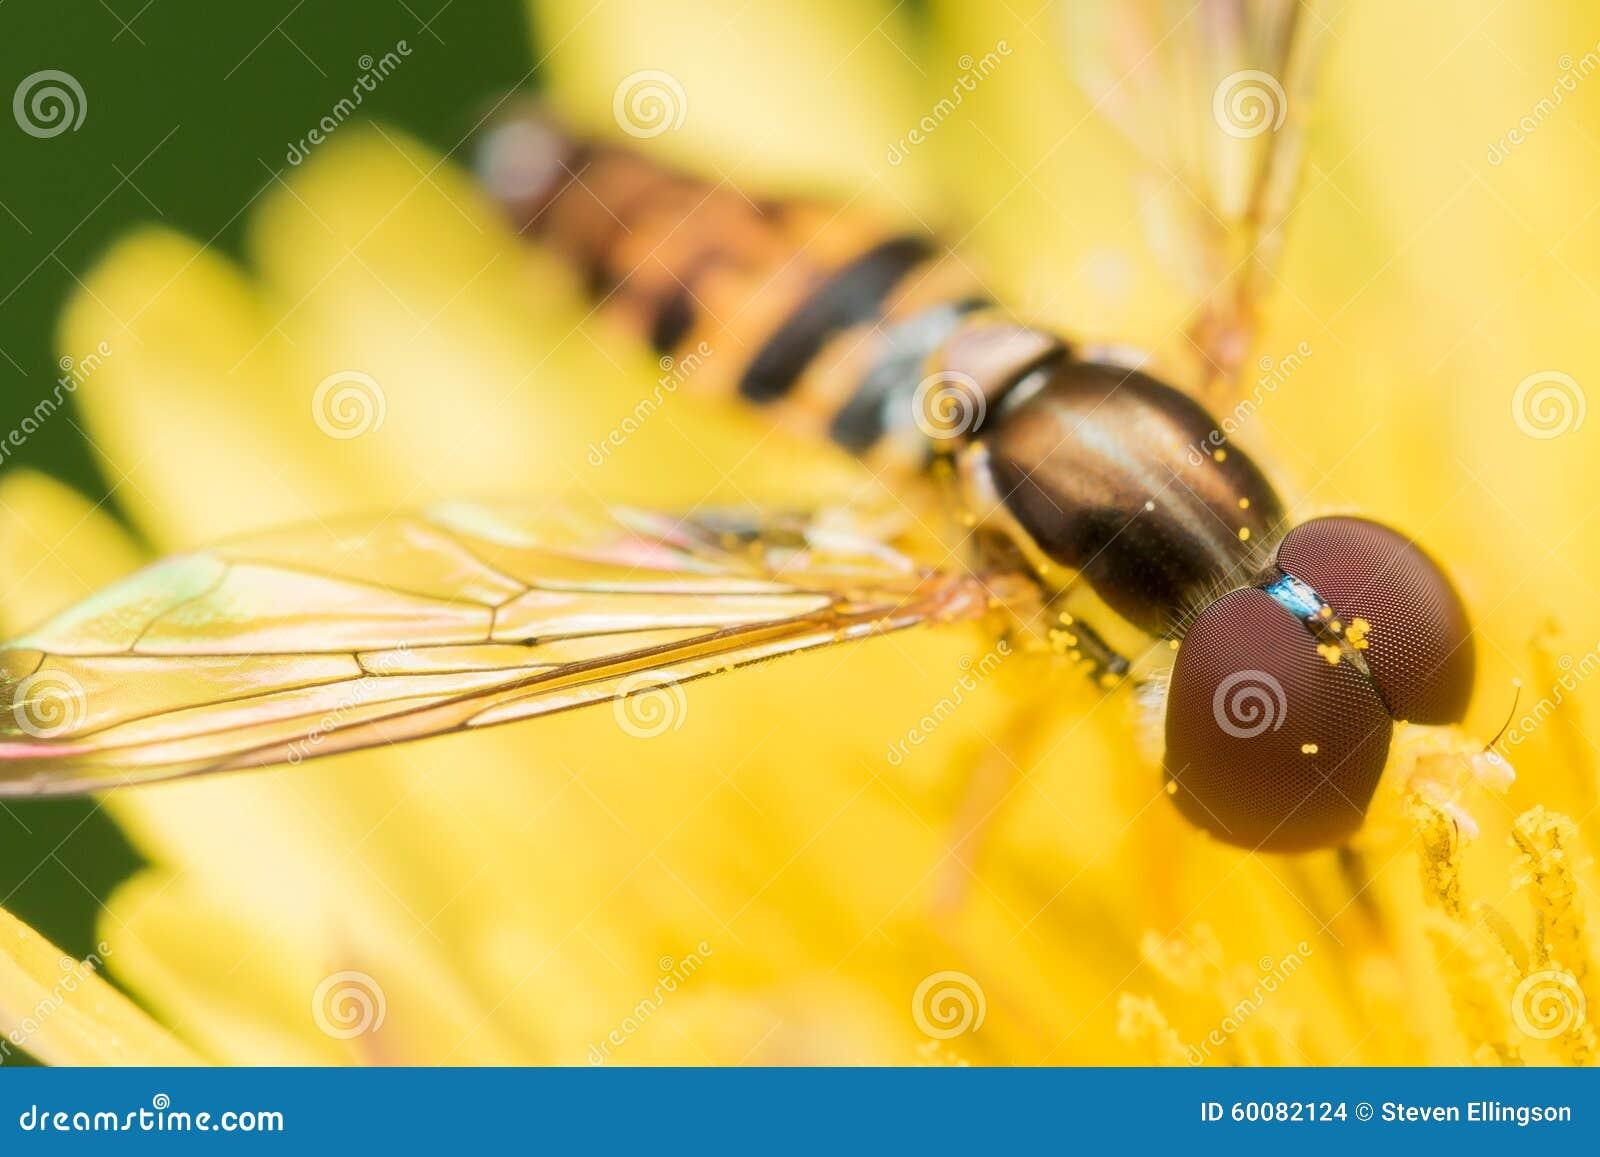 hoverfly mit roten augen auf heller gelber blume stockfoto bild von kopf blau 60082124. Black Bedroom Furniture Sets. Home Design Ideas